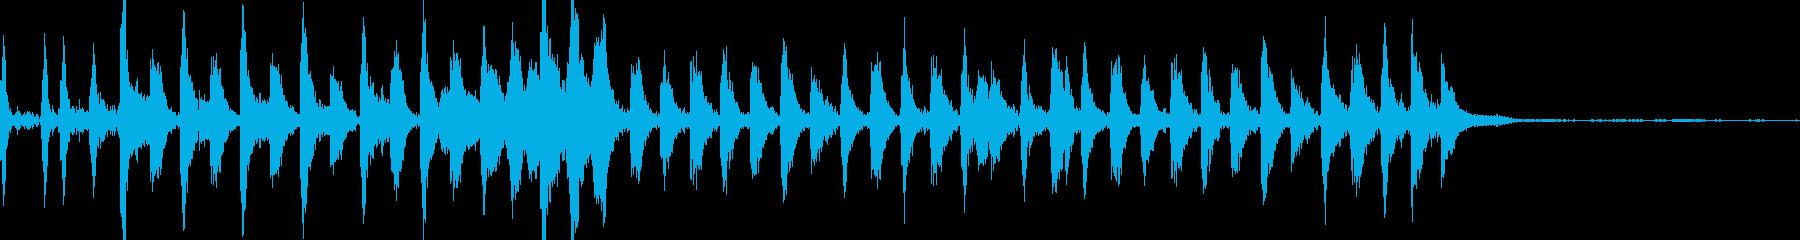 怪しげな雰囲気のCM用BGMの再生済みの波形